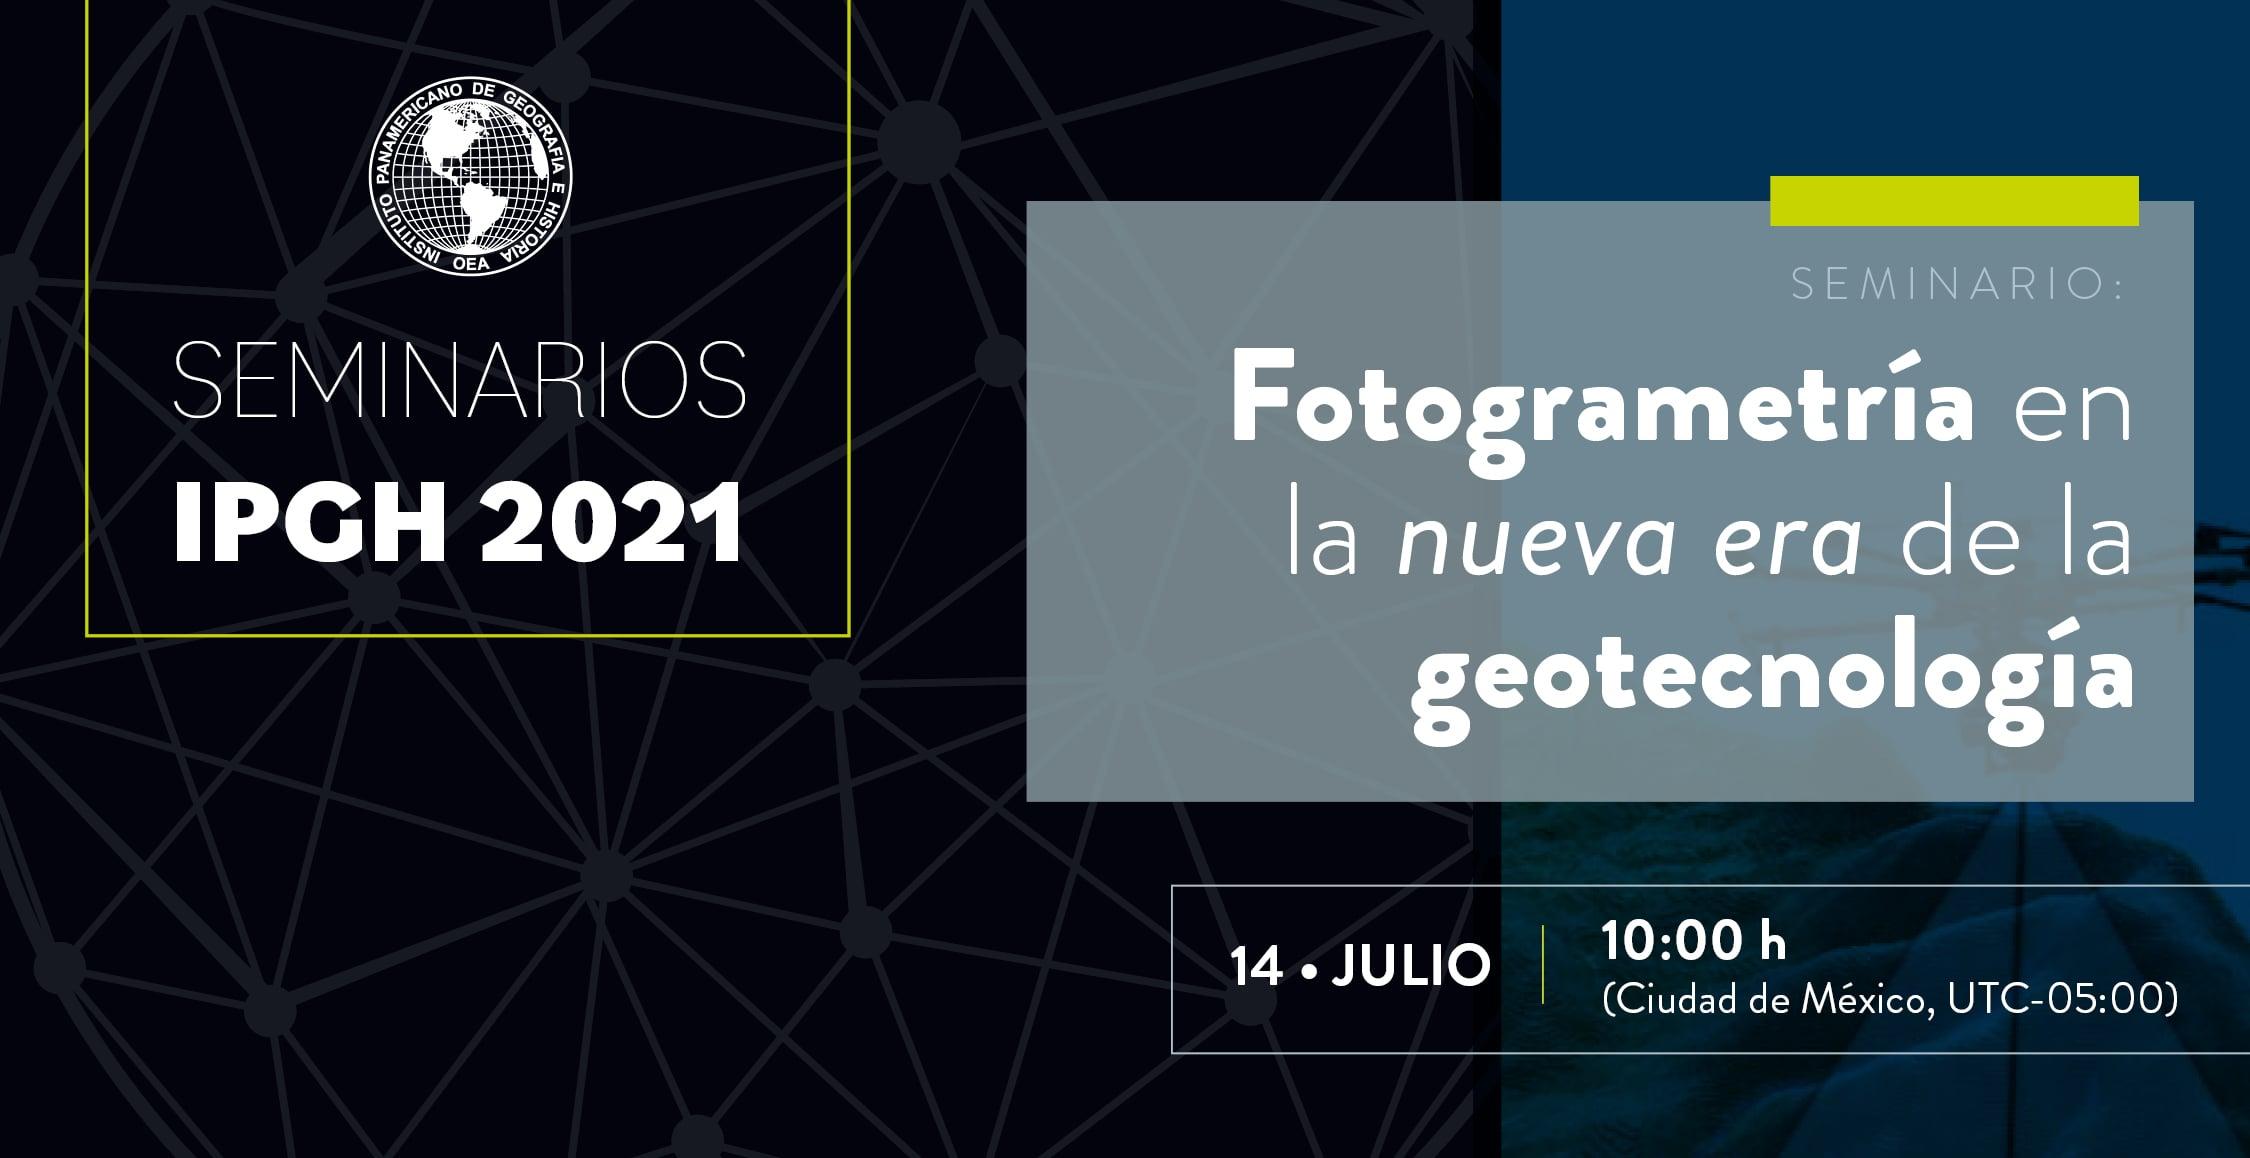 seminario ipgh fotogrametria en la nueva era de la geotecnologia